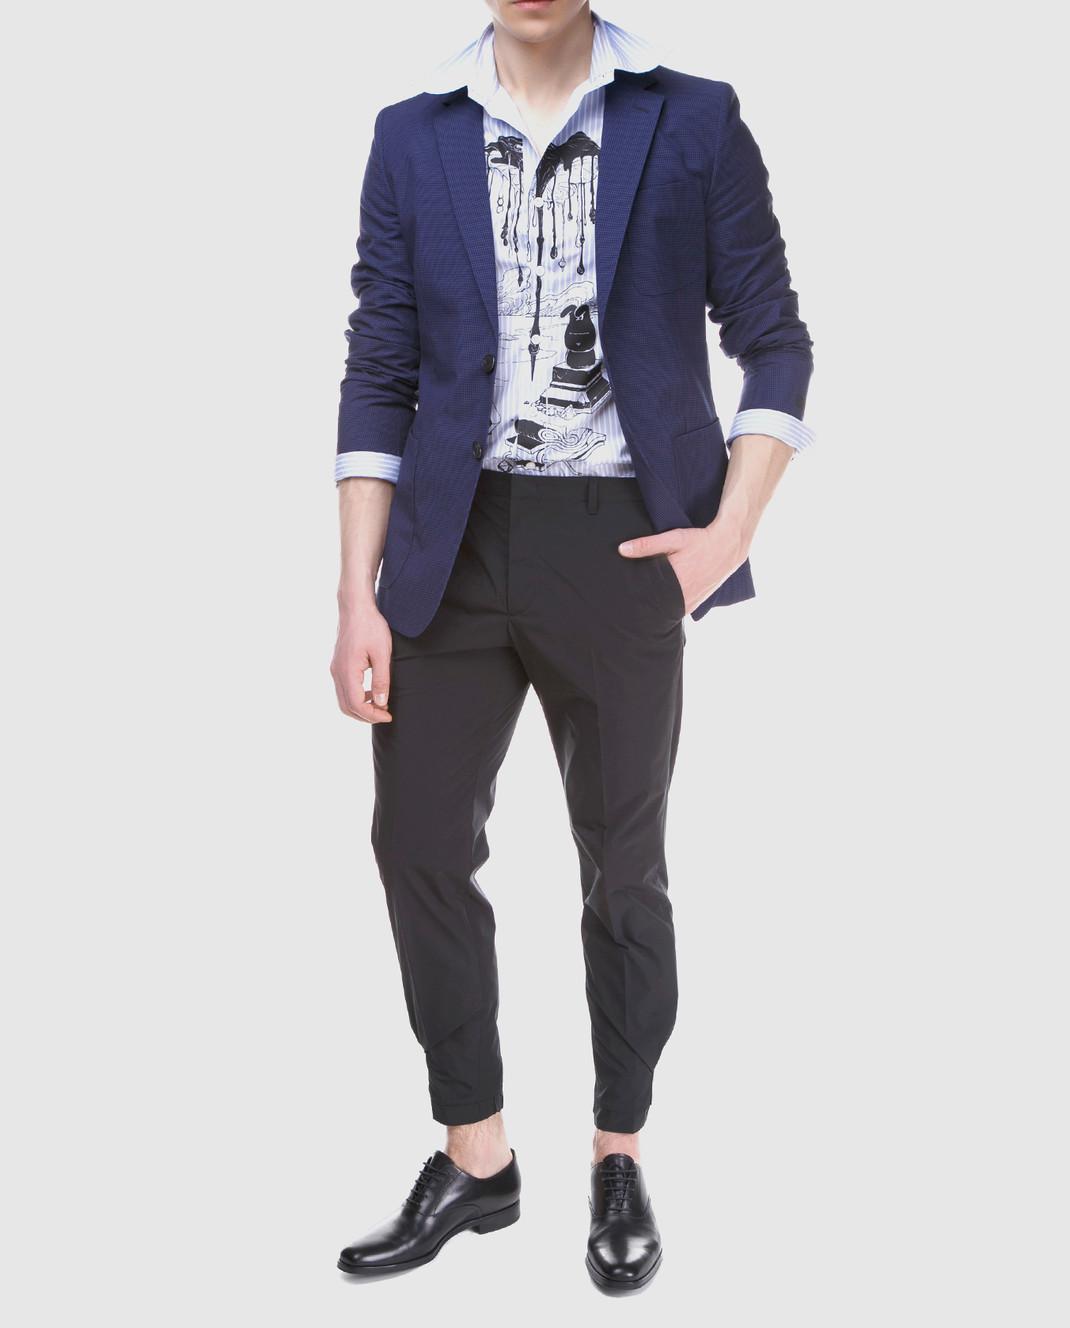 Prada Синий пиджак UGF003 изображение 2